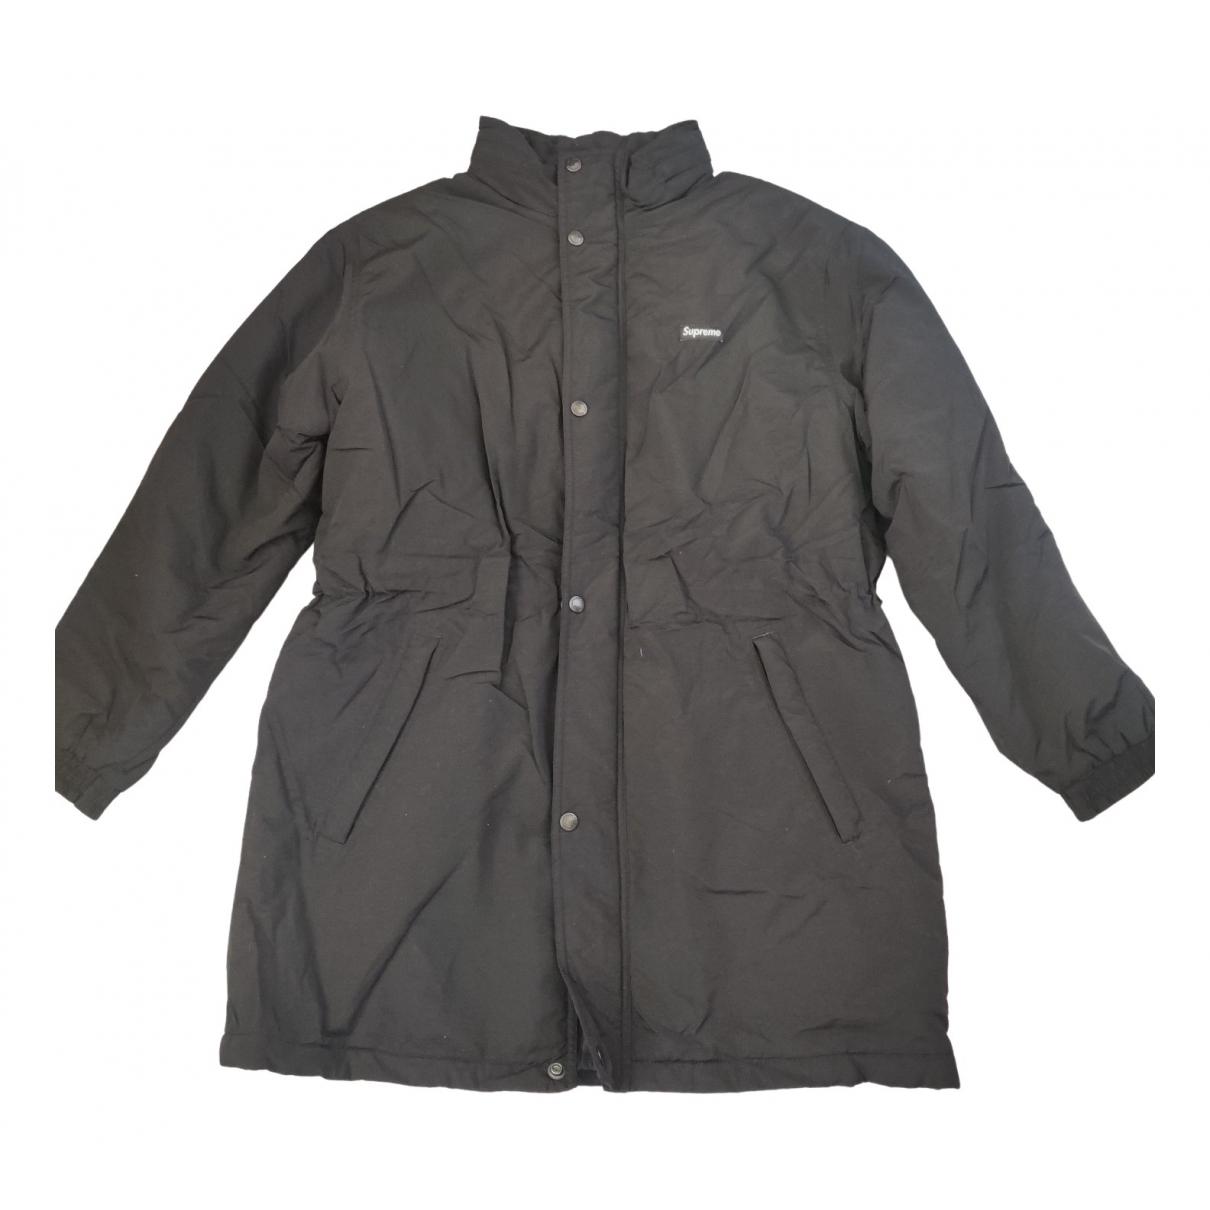 Supreme - Manteau   pour homme - noir